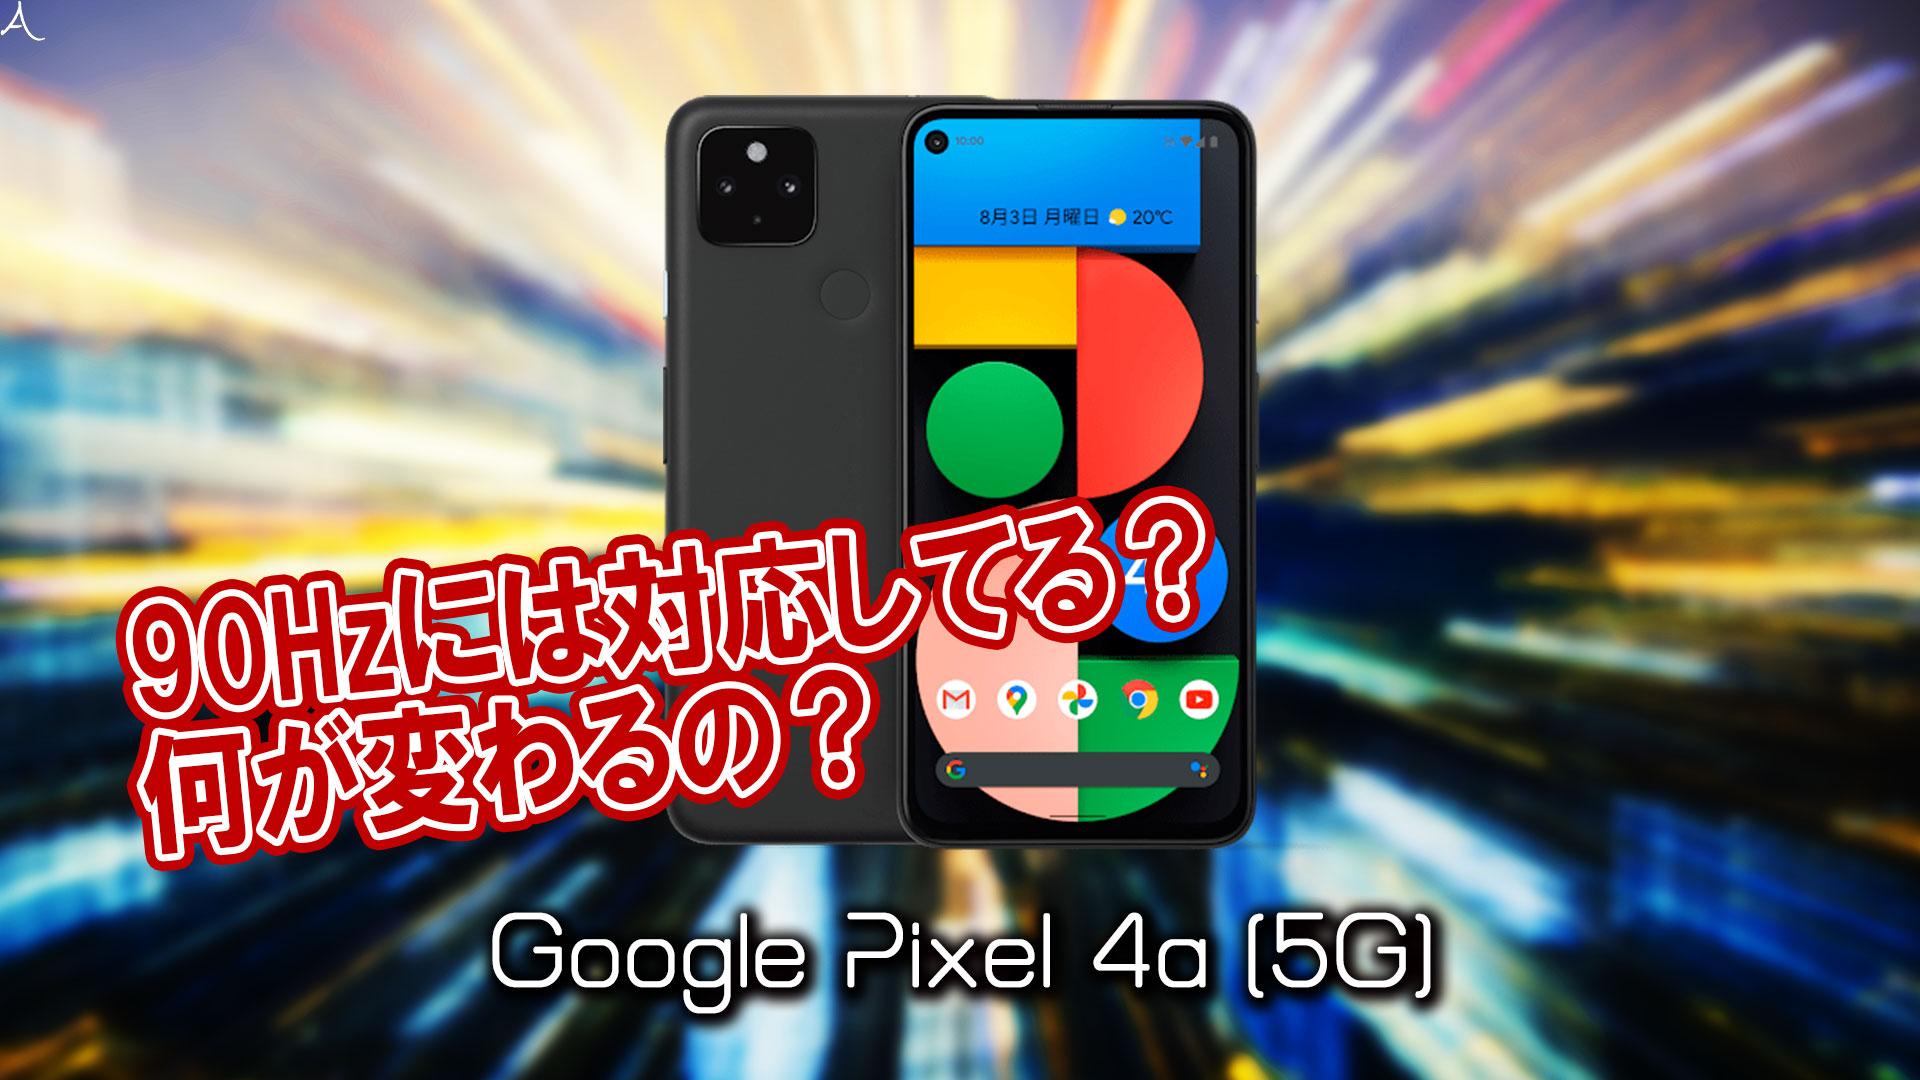 「Google Pixel 4a (5G)」のリフレッシュレートはいくつ?120Hzには対応してる?